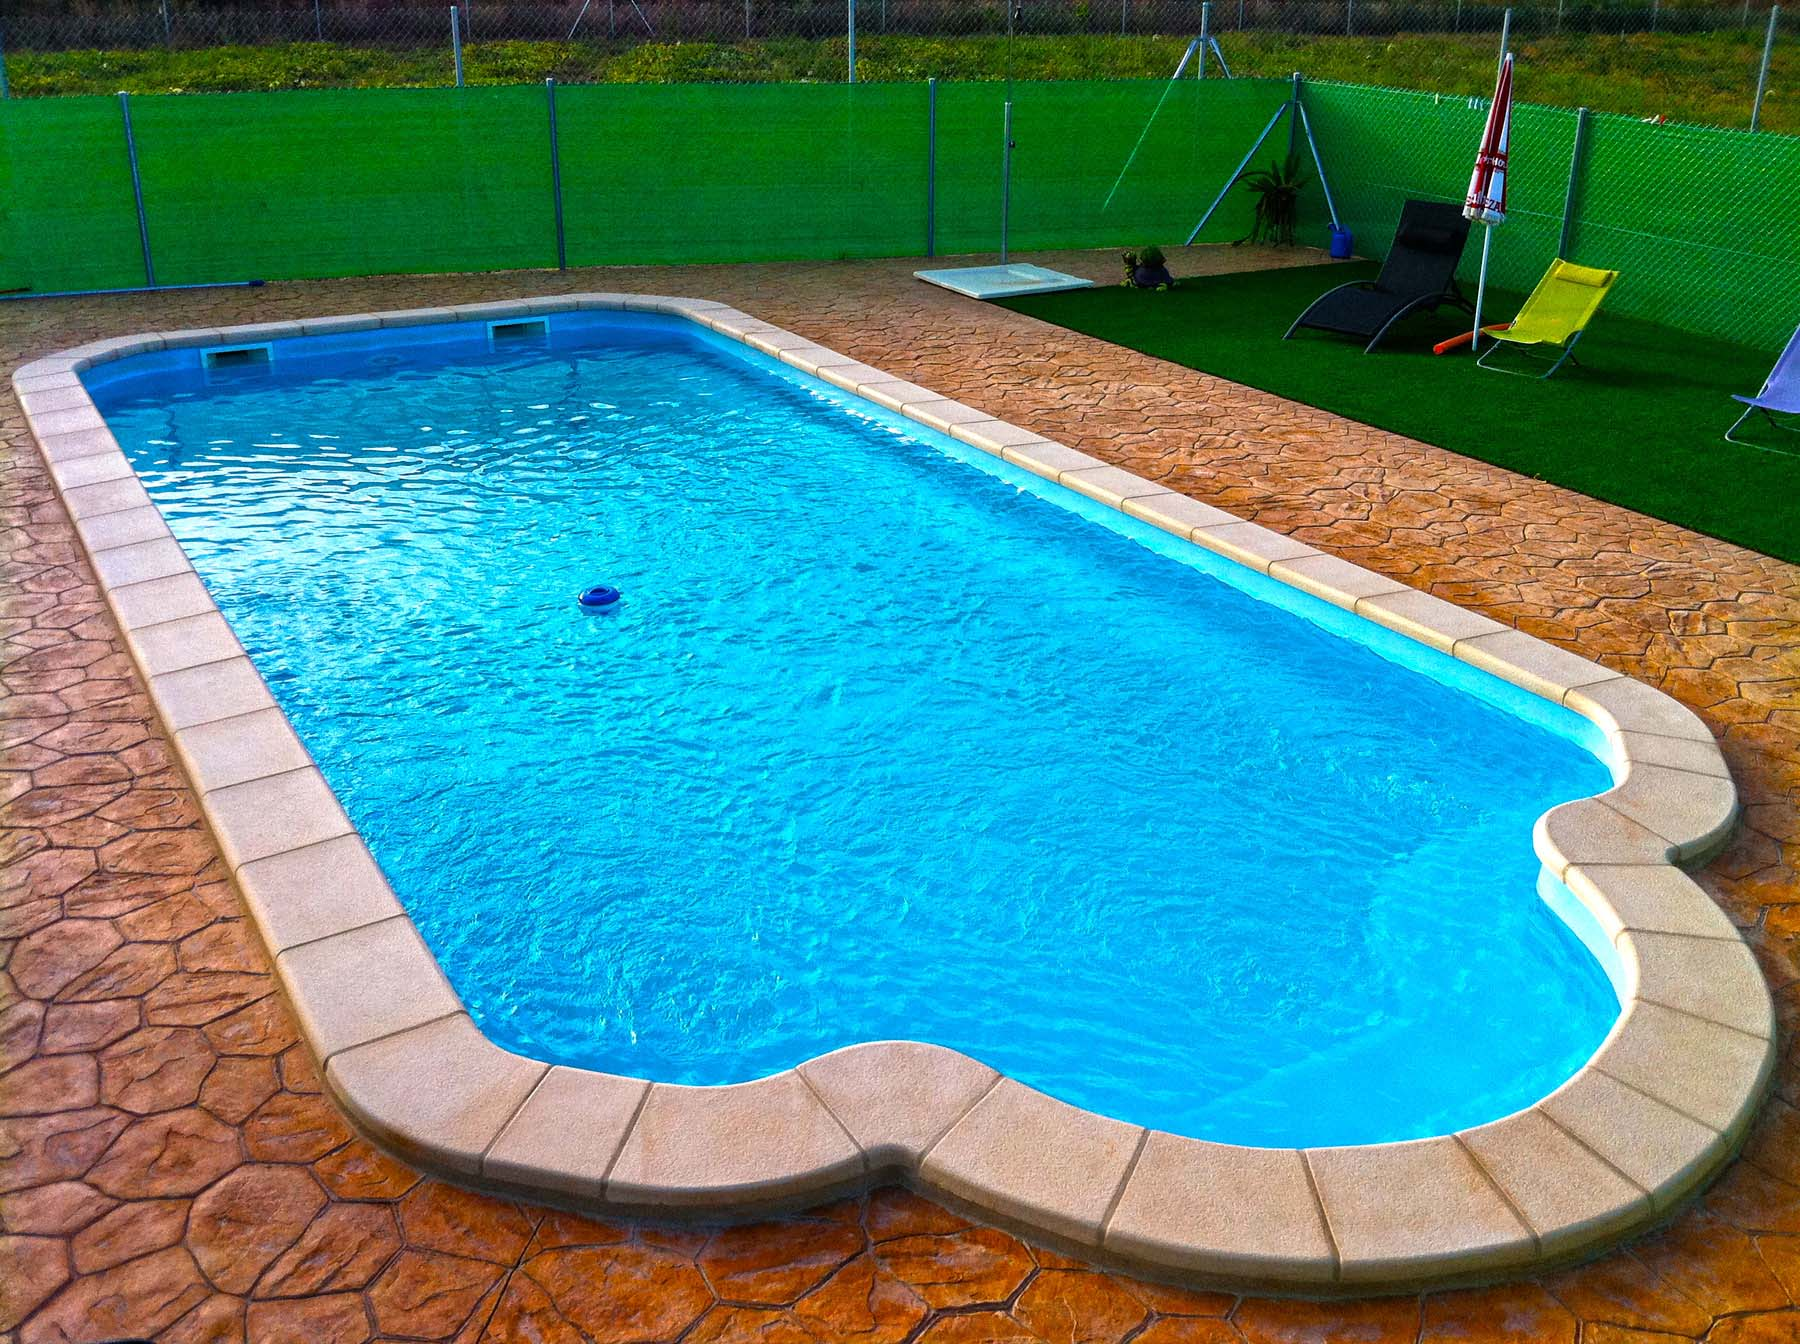 Galer a piscinas de fibra poli ster piscina plus for Piscinas de poliester economicas